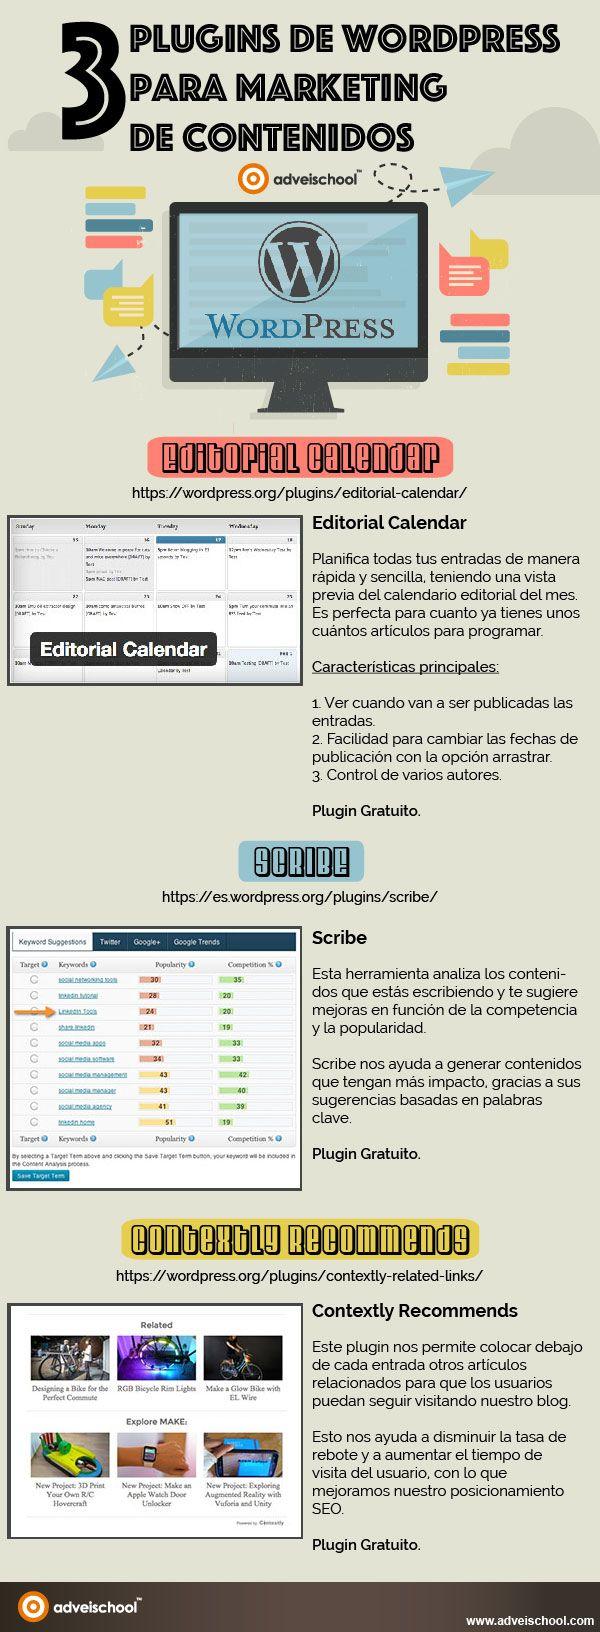 Los mejores plugins de WordPress para Marketing de Contenidos